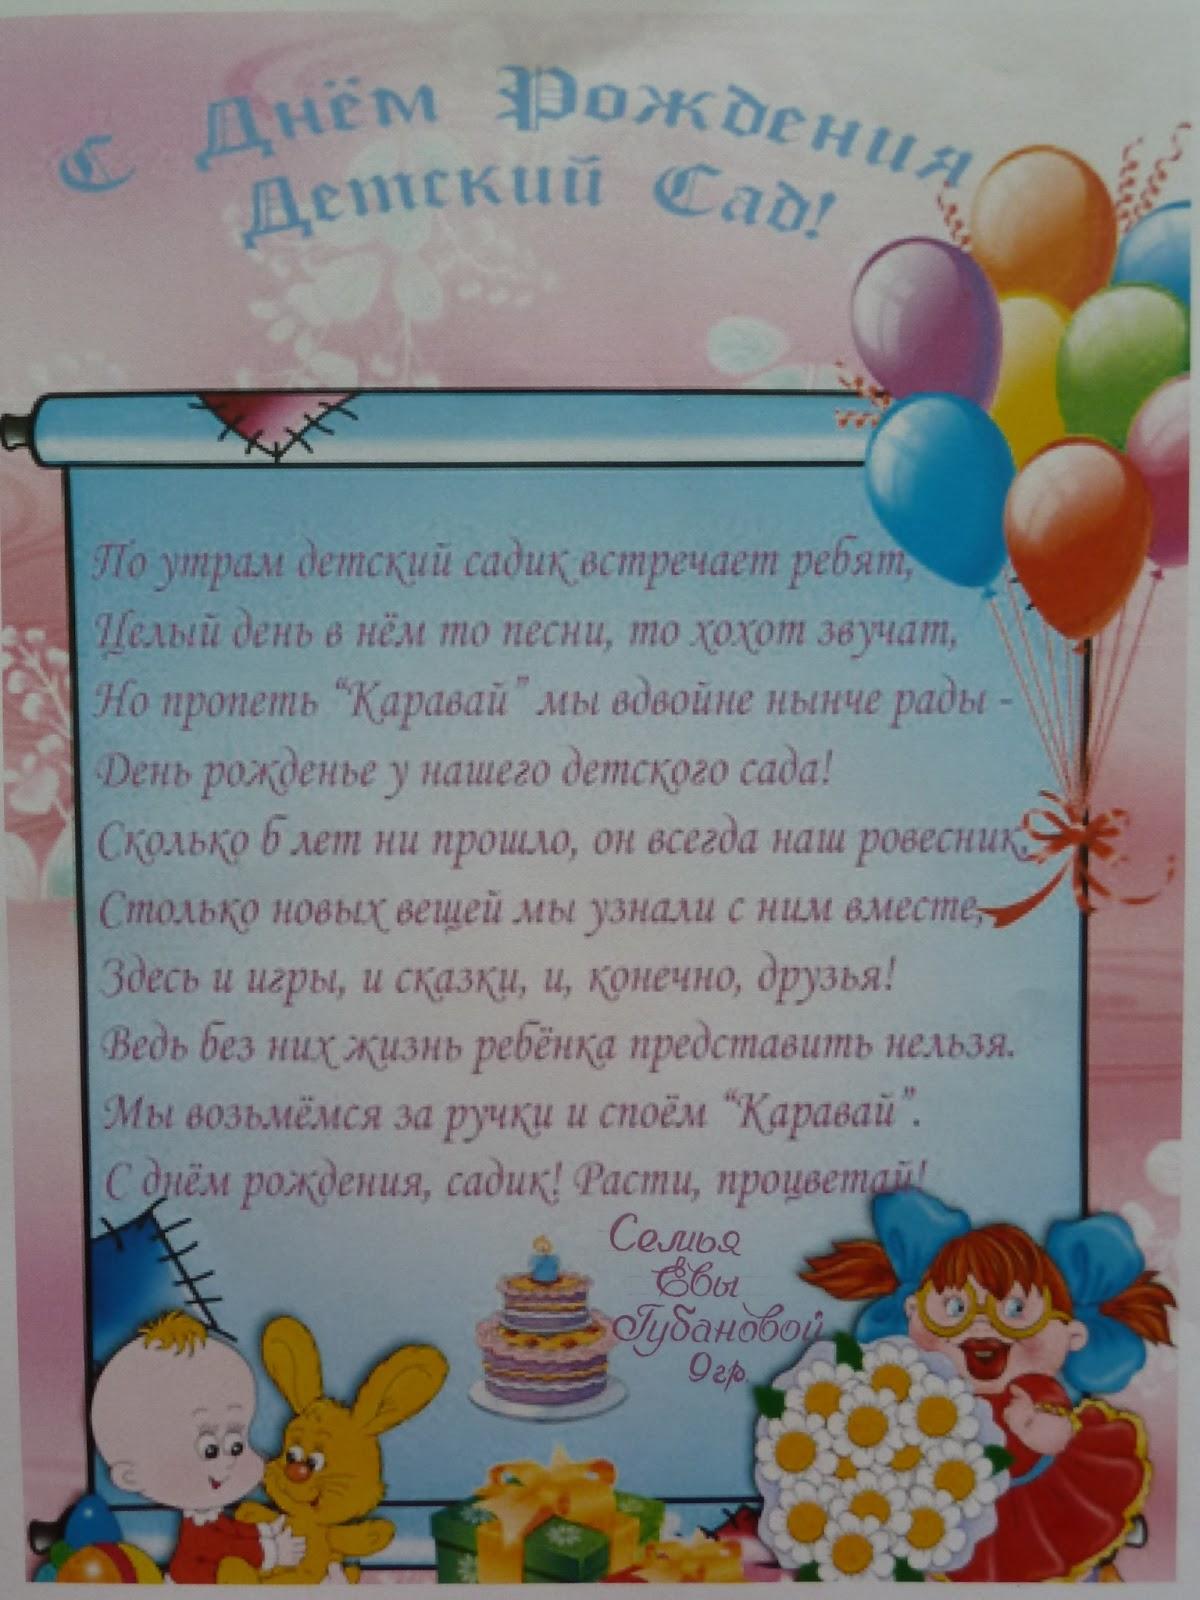 Поздравление в юбилей детского дома